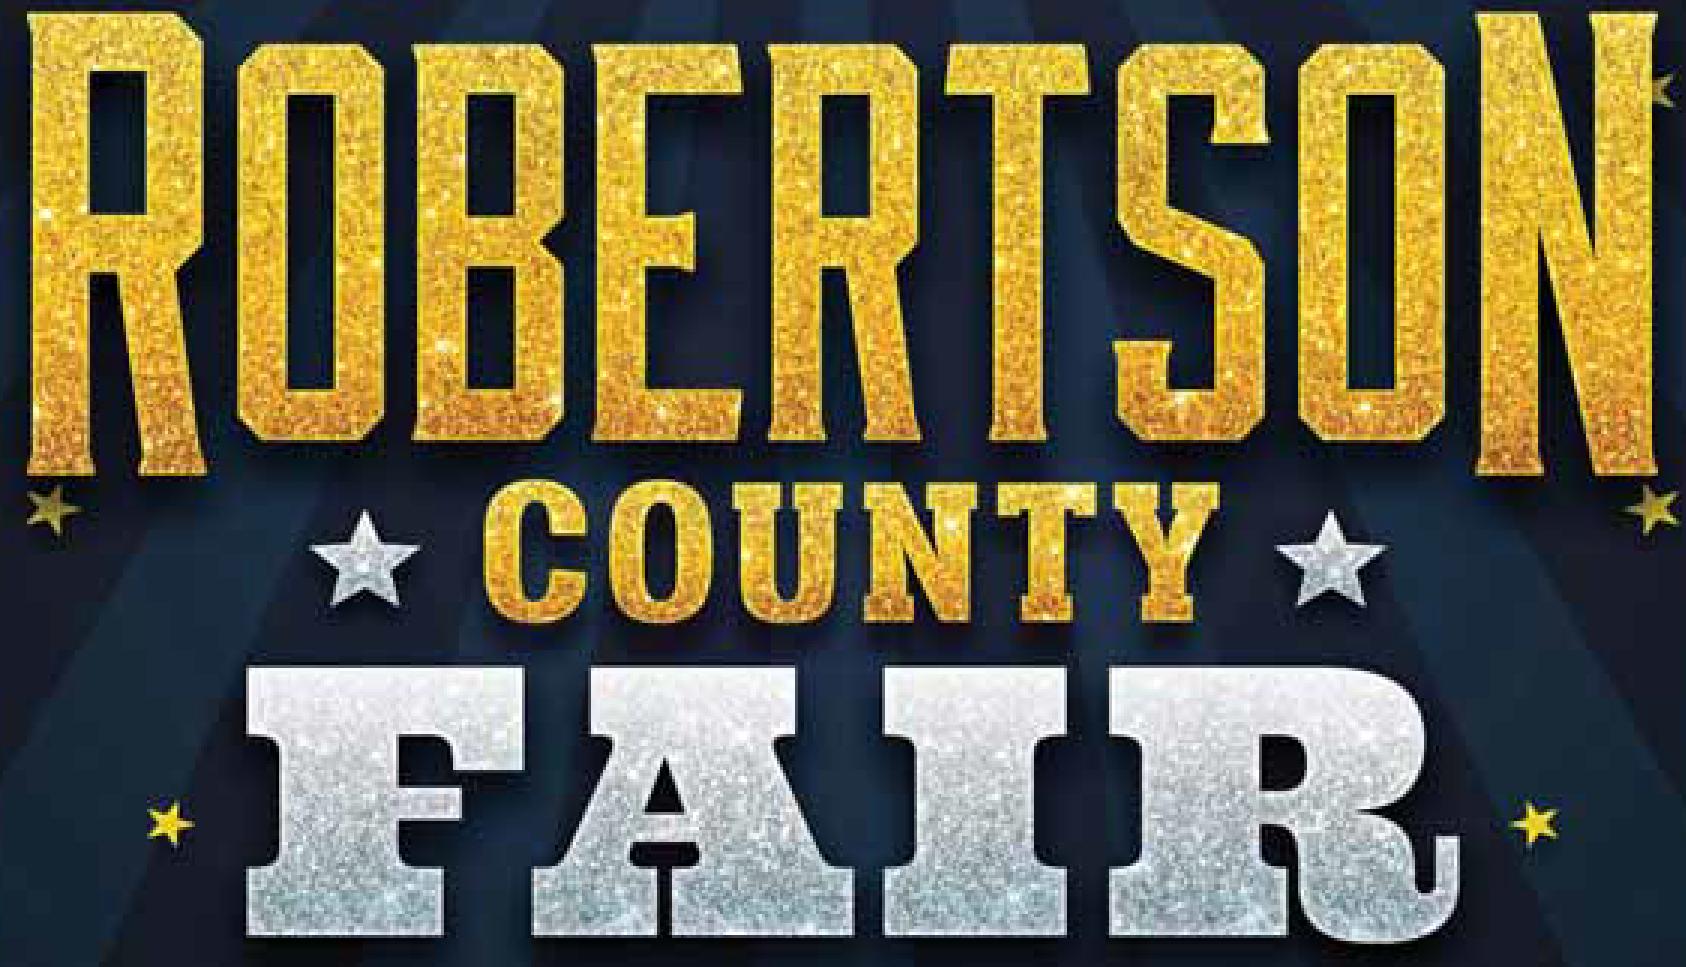 Robertson County Fair Catalog